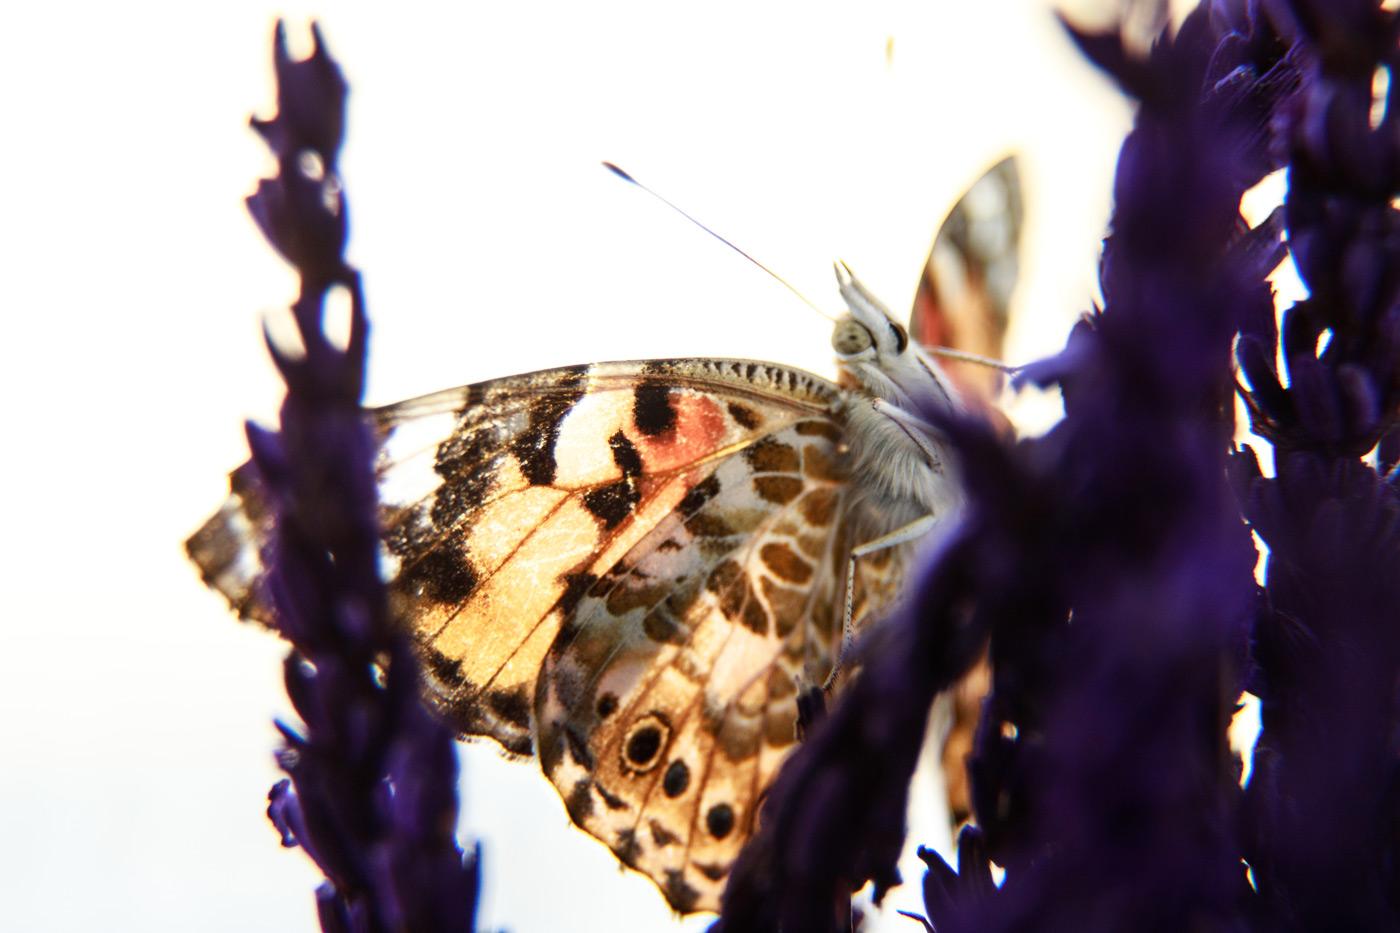 mariposa preciosa posada en una flor de lavanda